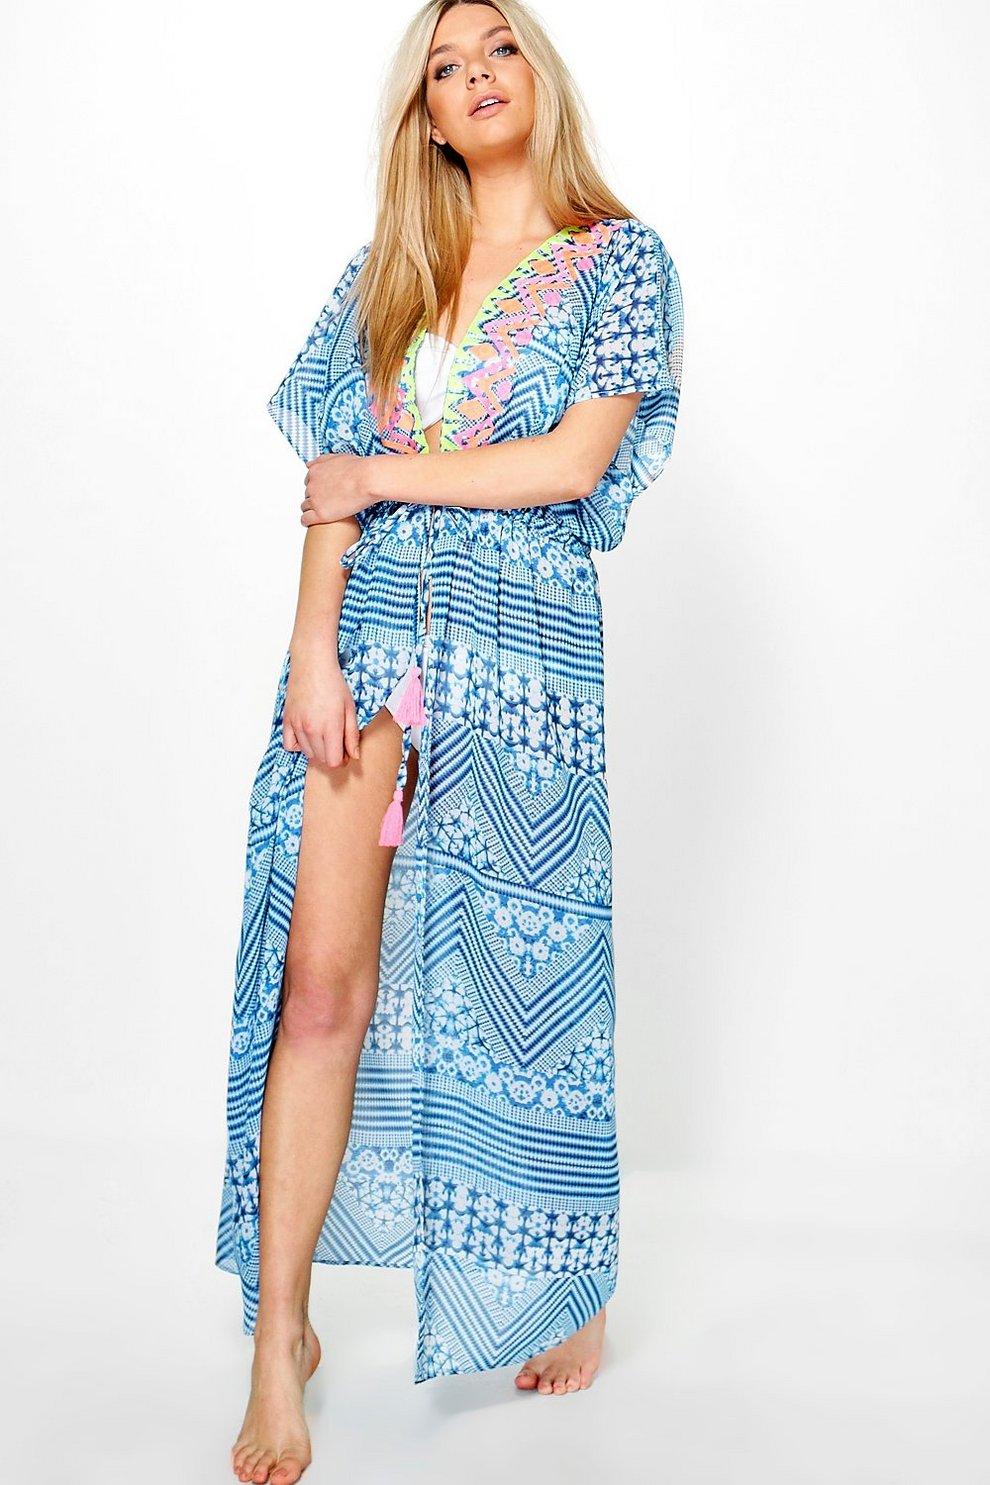 00a40f683a Freya Neon Embroidered Maxi Beach Kaftan